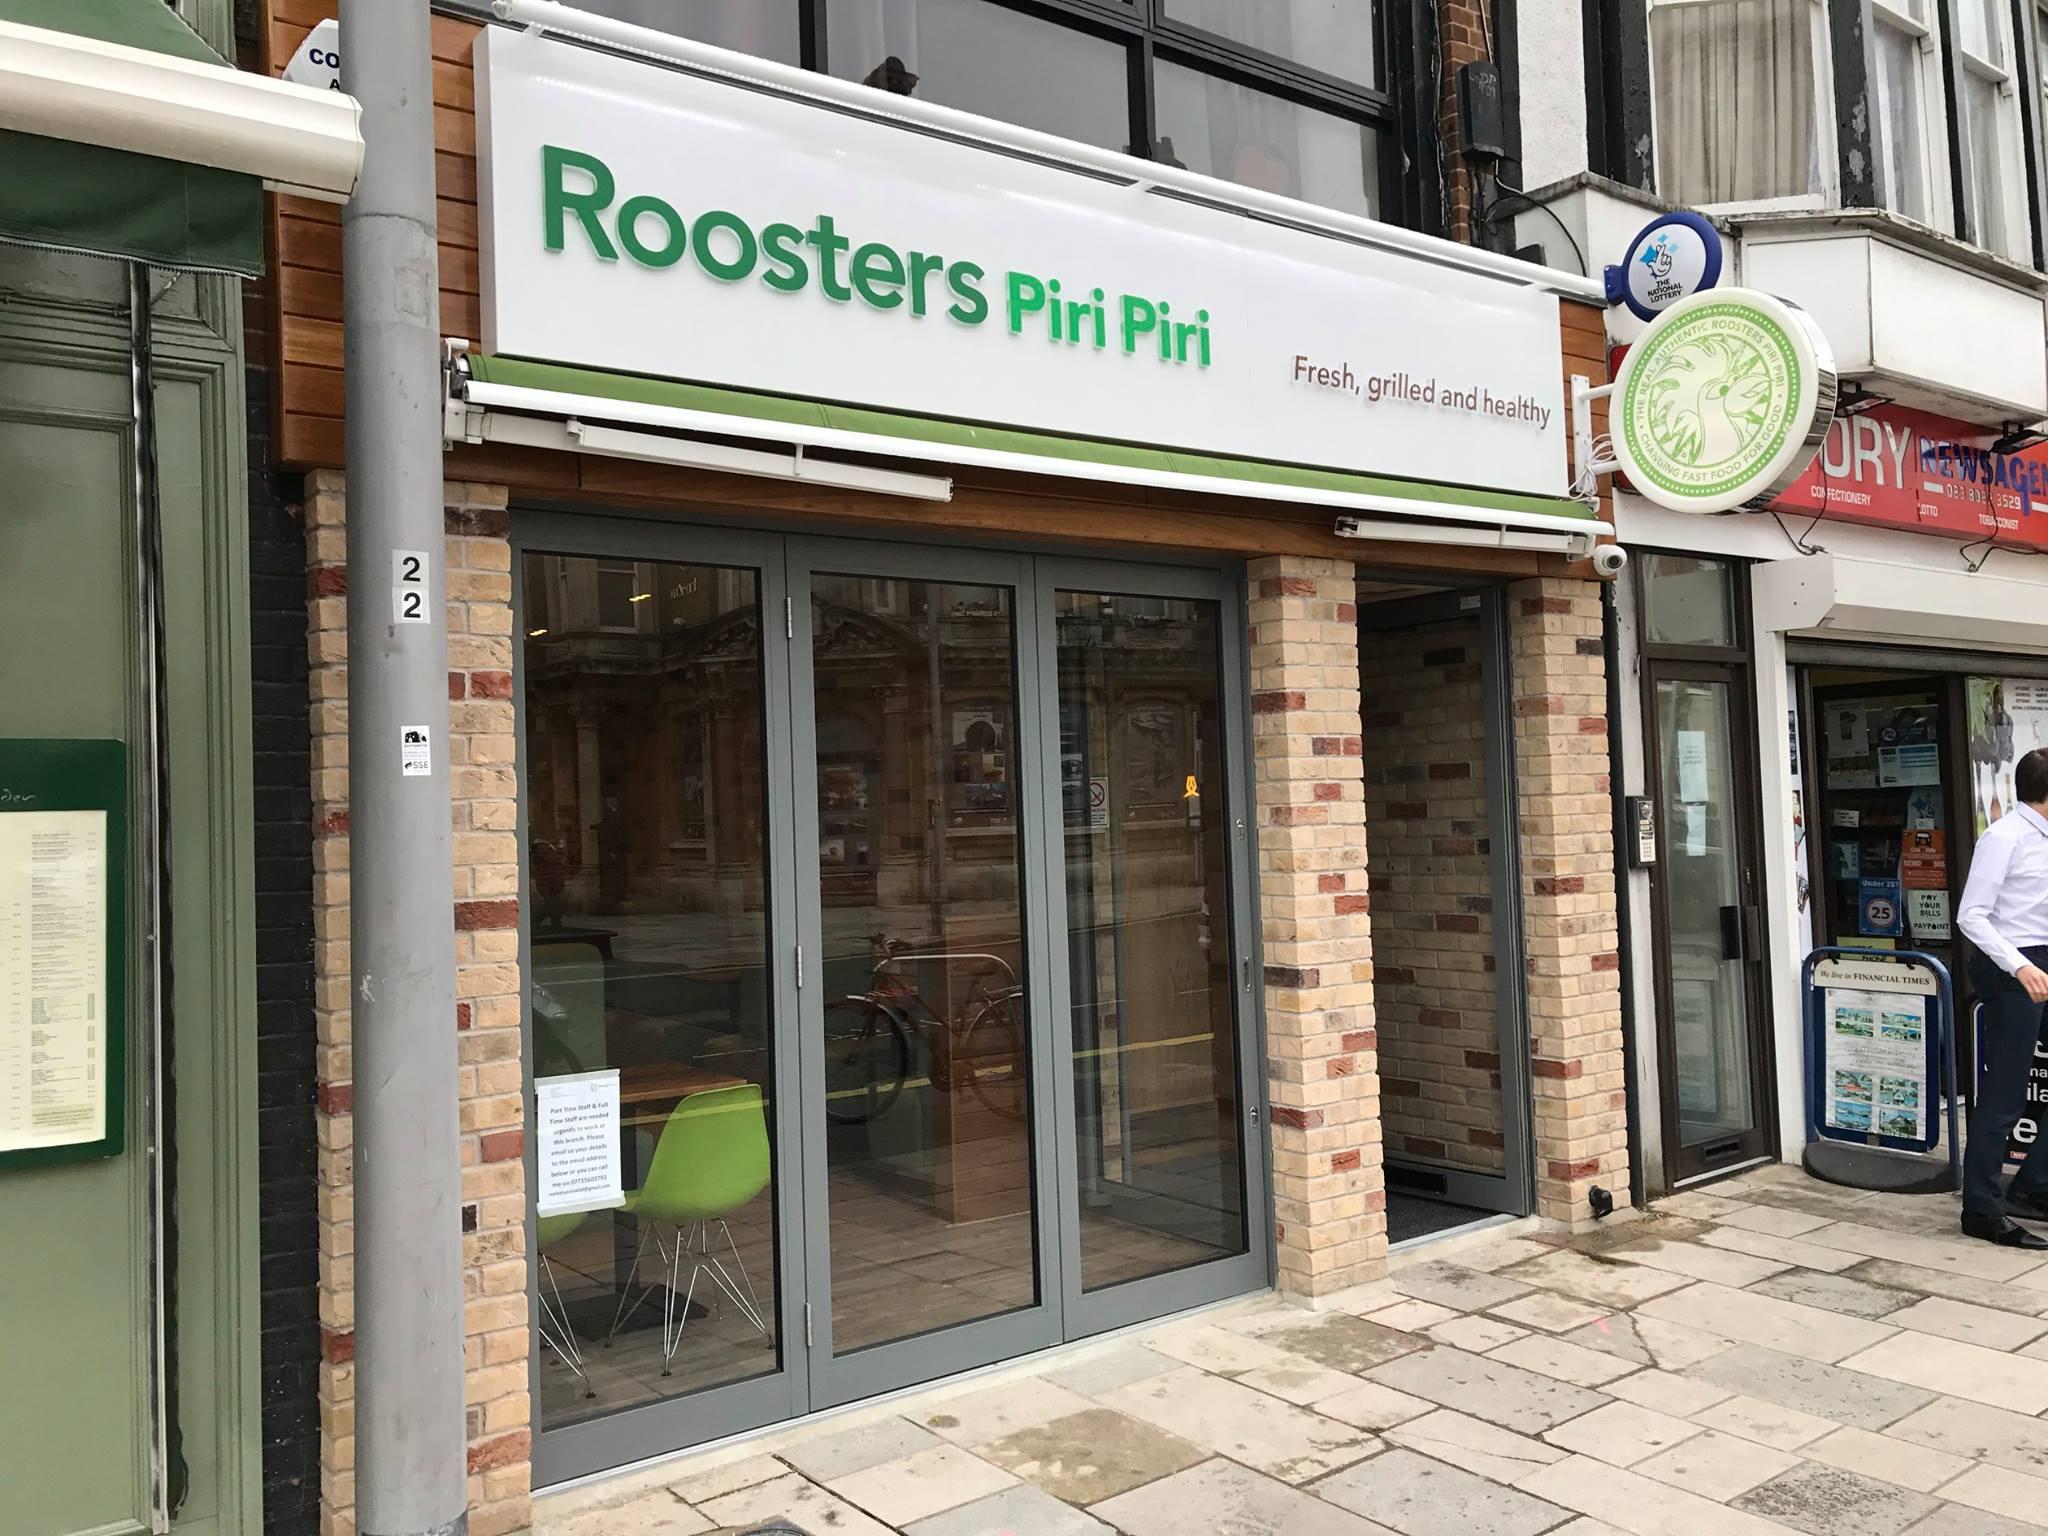 Rooster Piri Piri